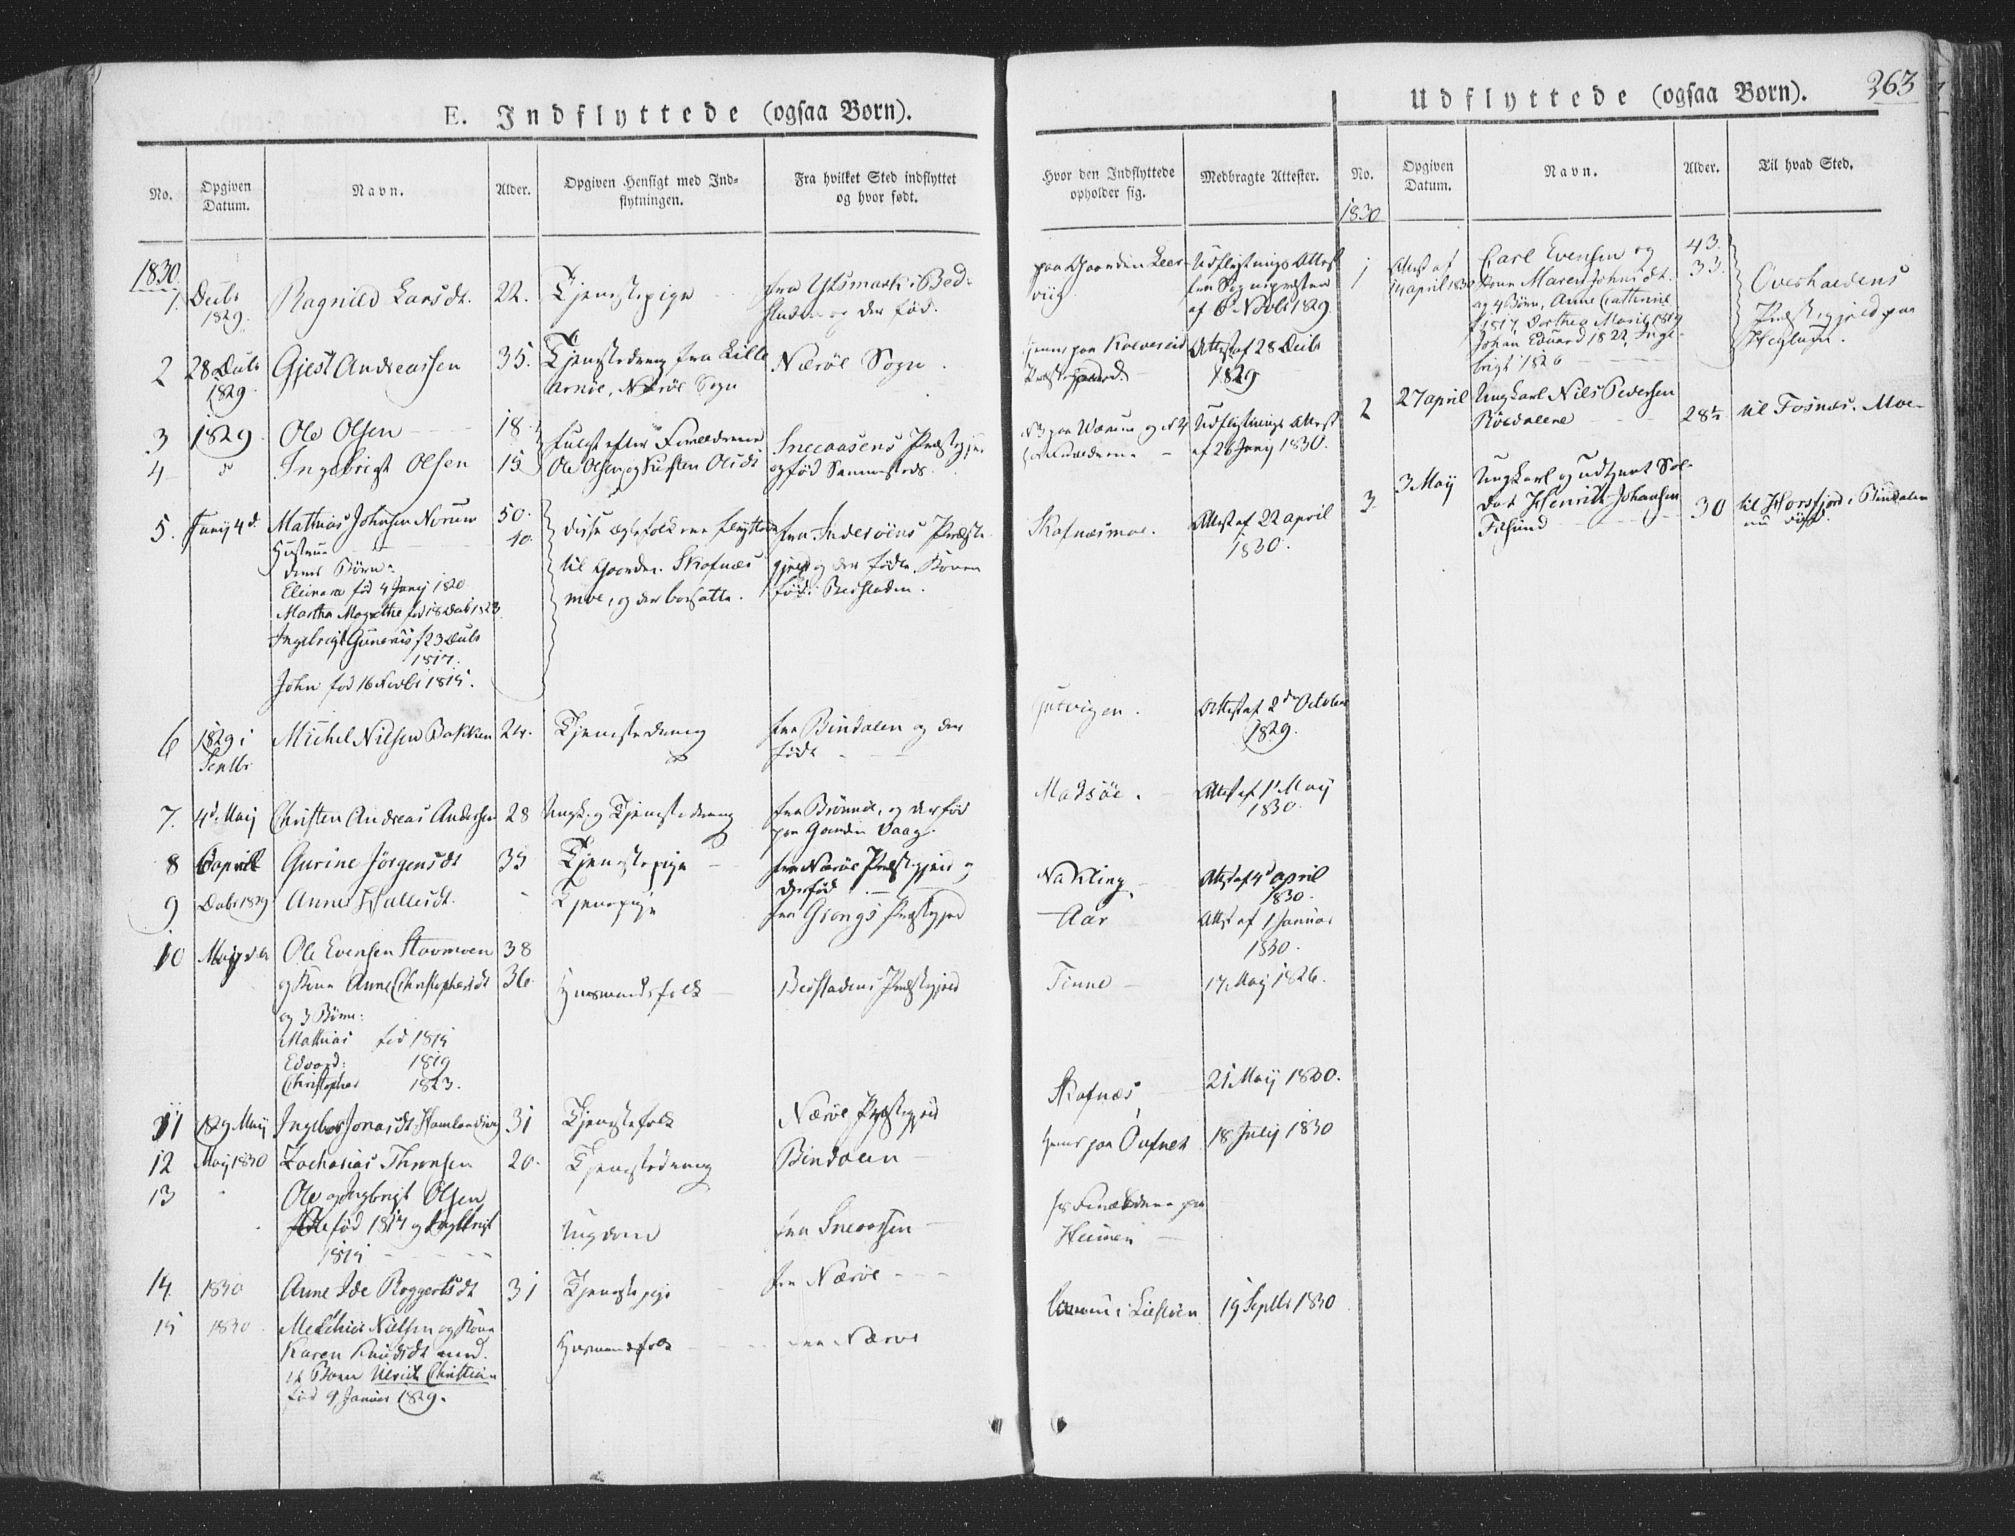 SAT, Ministerialprotokoller, klokkerbøker og fødselsregistre - Nord-Trøndelag, 780/L0639: Ministerialbok nr. 780A04, 1830-1844, s. 263